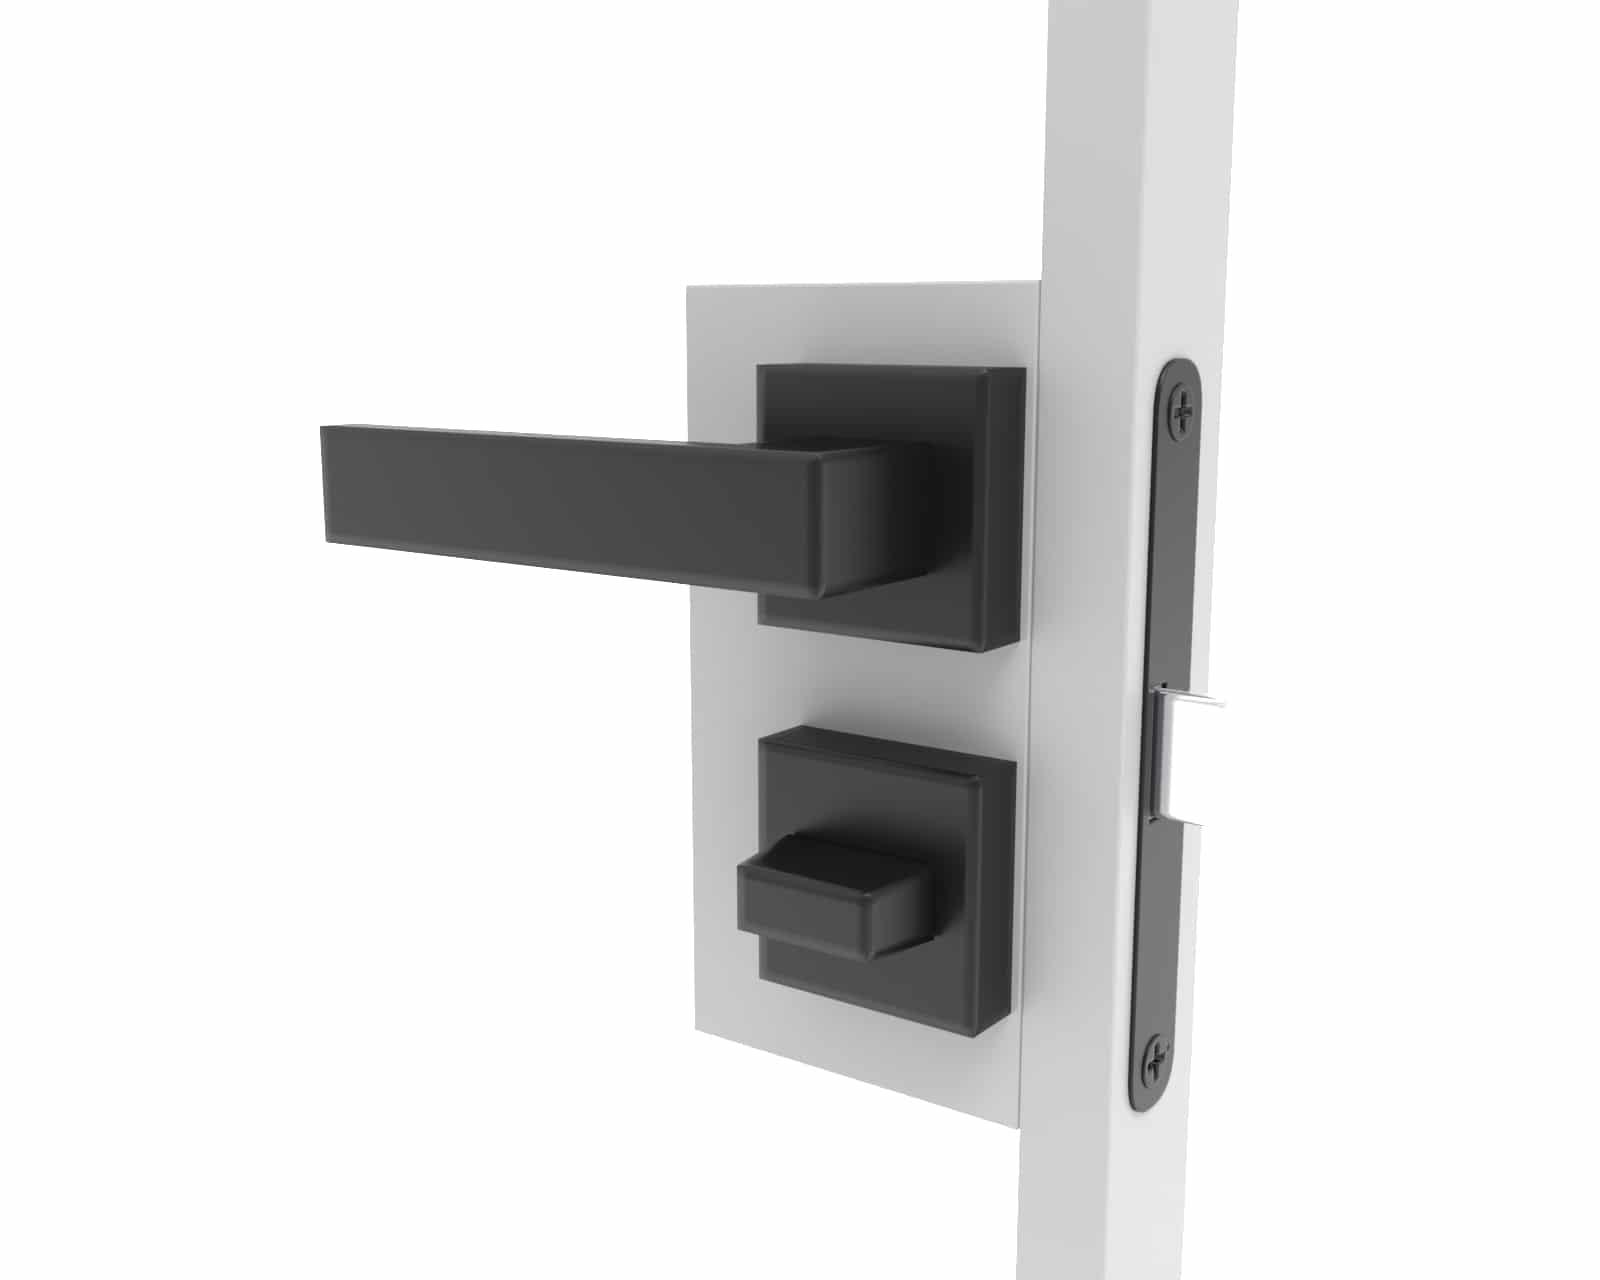 Türklinke für Stahltür mit Glas im Badezimmer